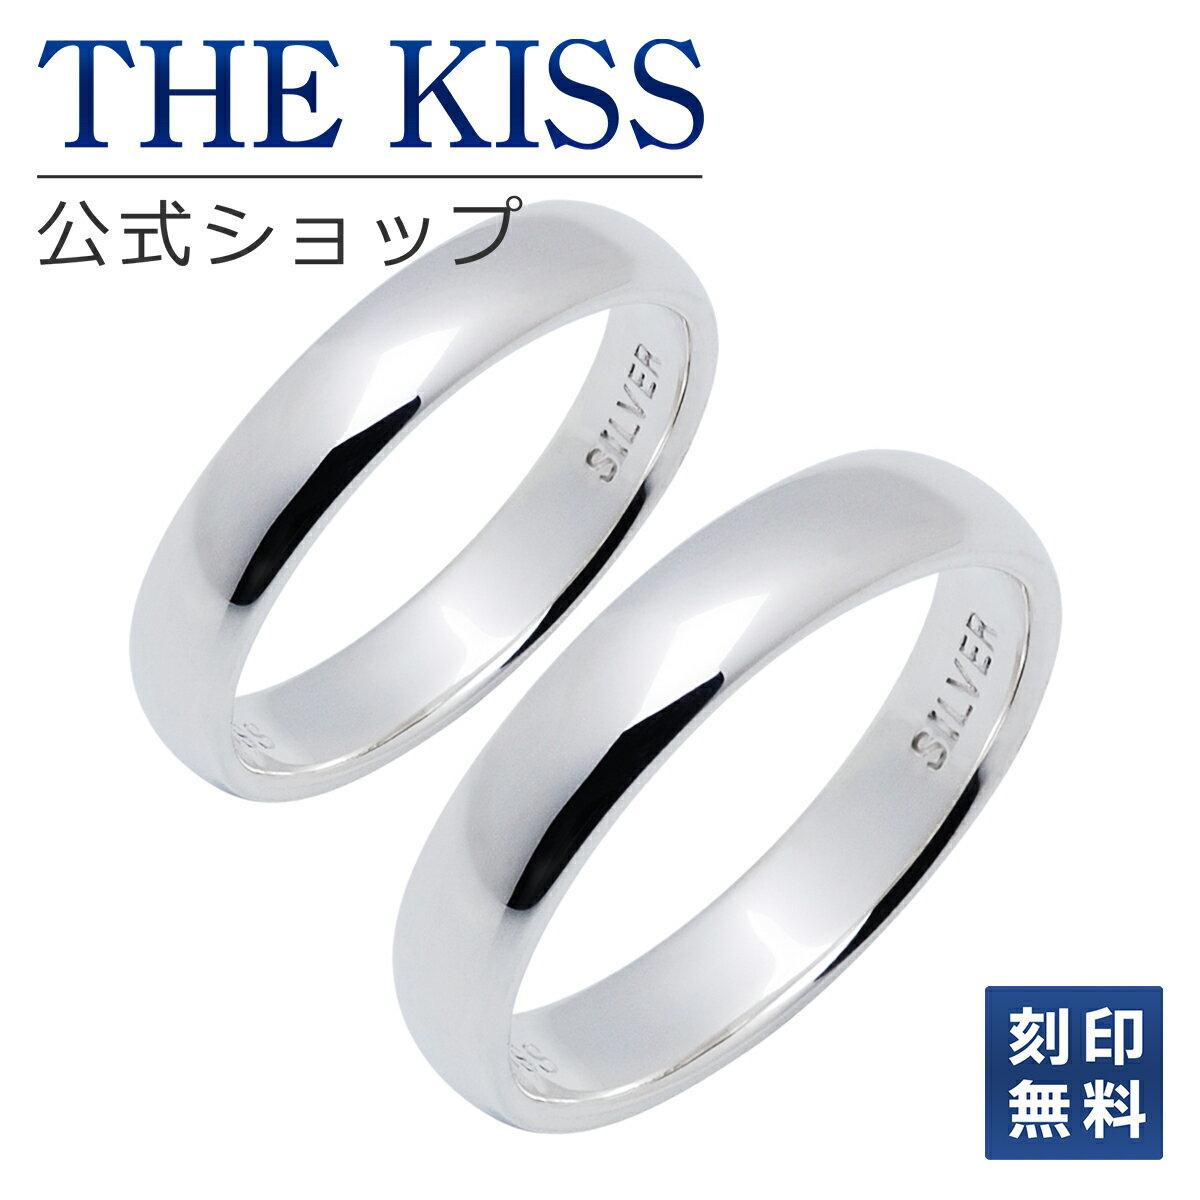 【あす楽対応】THE KISS 公式サイト シルバー ペアリング ペアアクセサリー カップル に 人気 の ジュエリーブランド THEKISS ペア リング・指輪 記念日 プレゼント SR1227-P ザキス